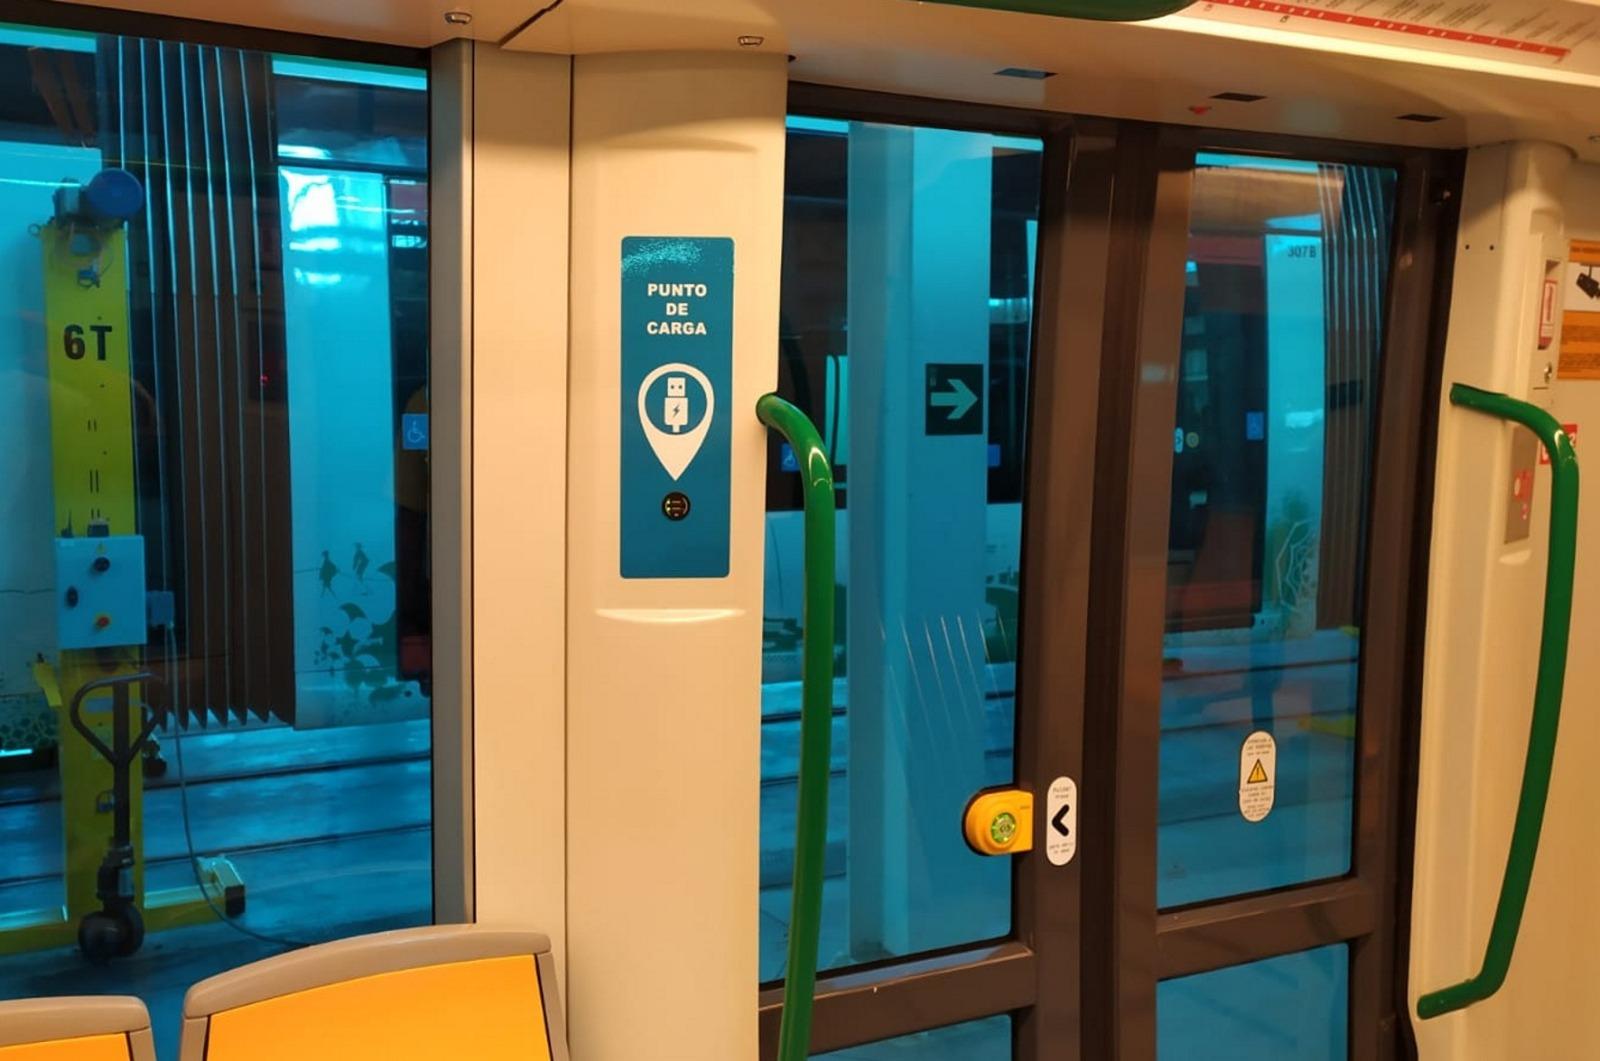 Puntos de recarga en el interior de los trenes del metro.